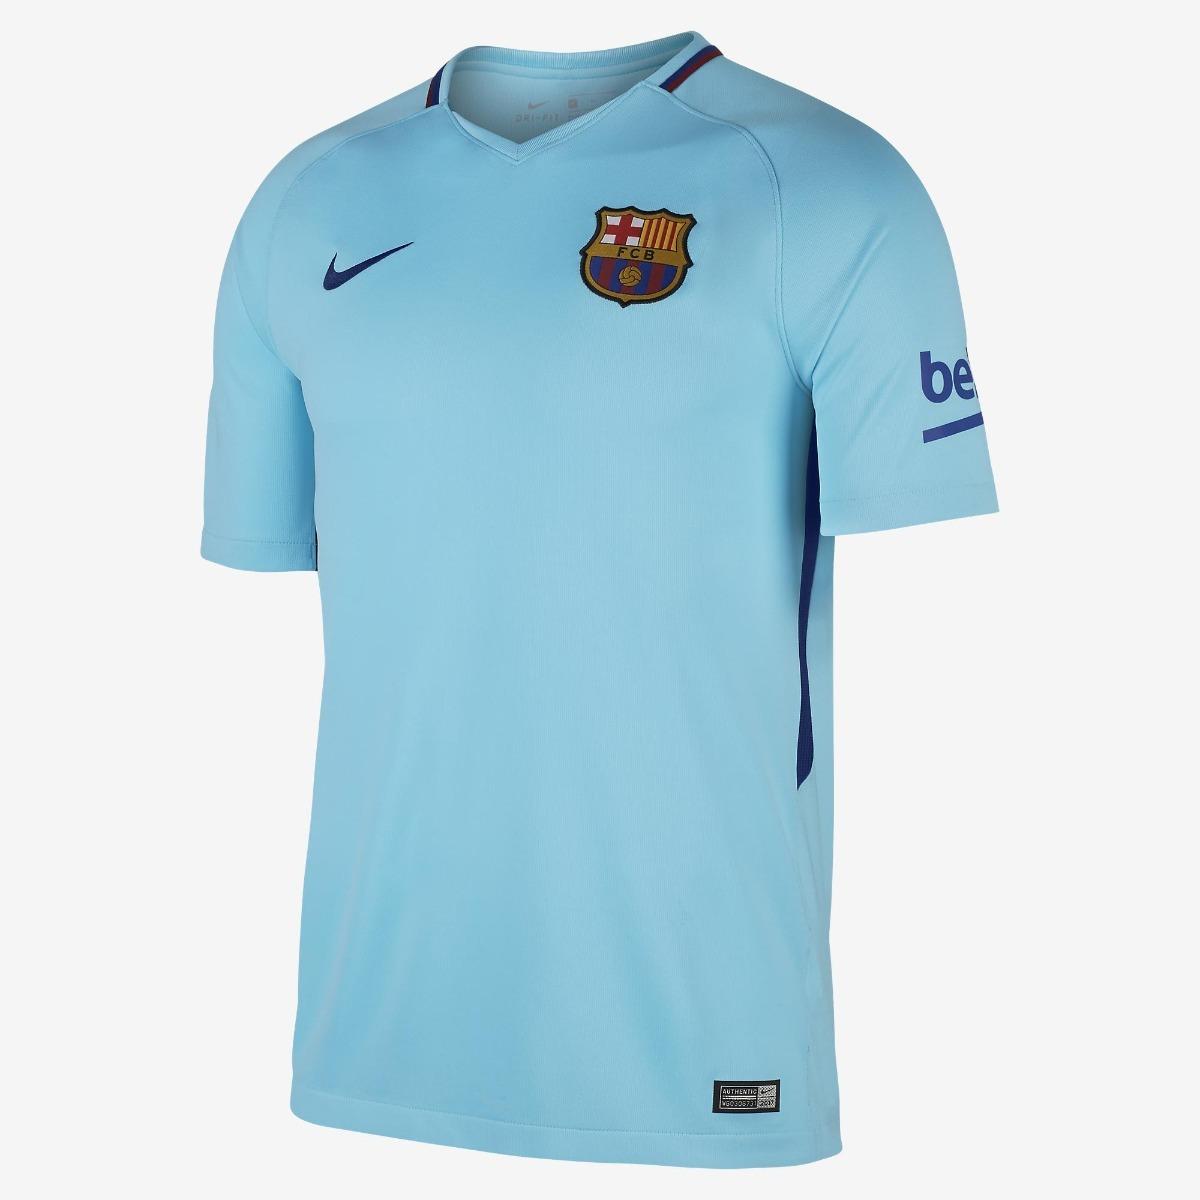 045b9ee5523e1 uniforme infantil camisa e shorts barcelona 2017 oficial. Carregando zoom.